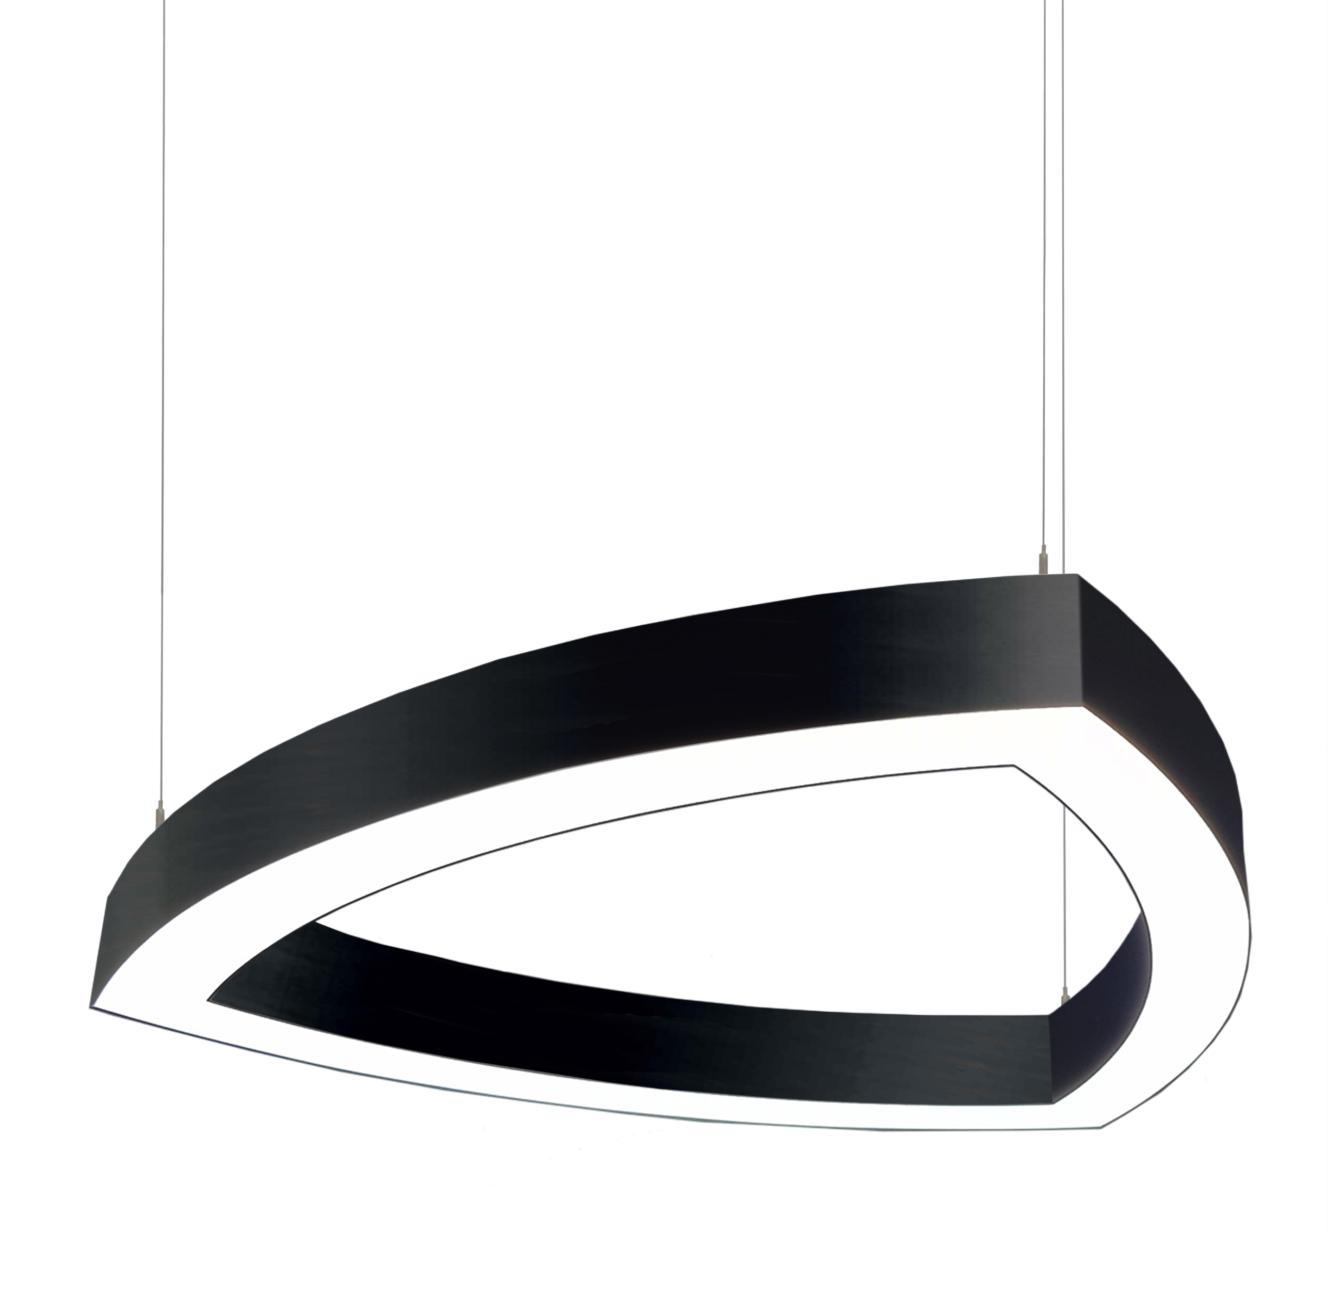 Светильник Triangle-H 5060-1050мм. 4000К/3000К. 49/103W купить в Казани